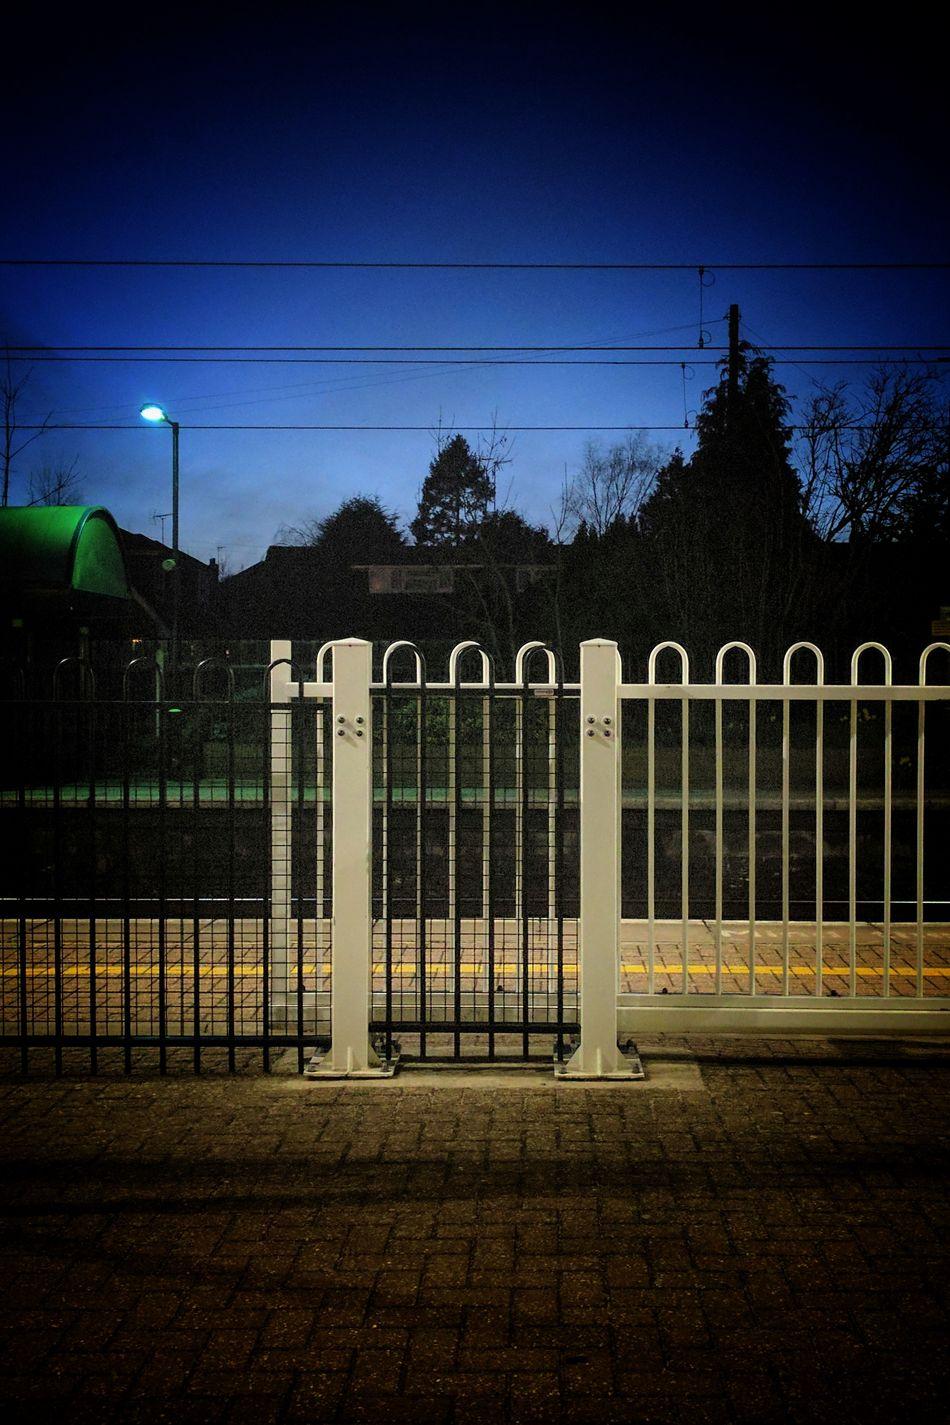 Fence No People Tree Outdoors Sky Night Illuminated White Fence Station Platform Dusk Perfect Sky Railing Station Railway